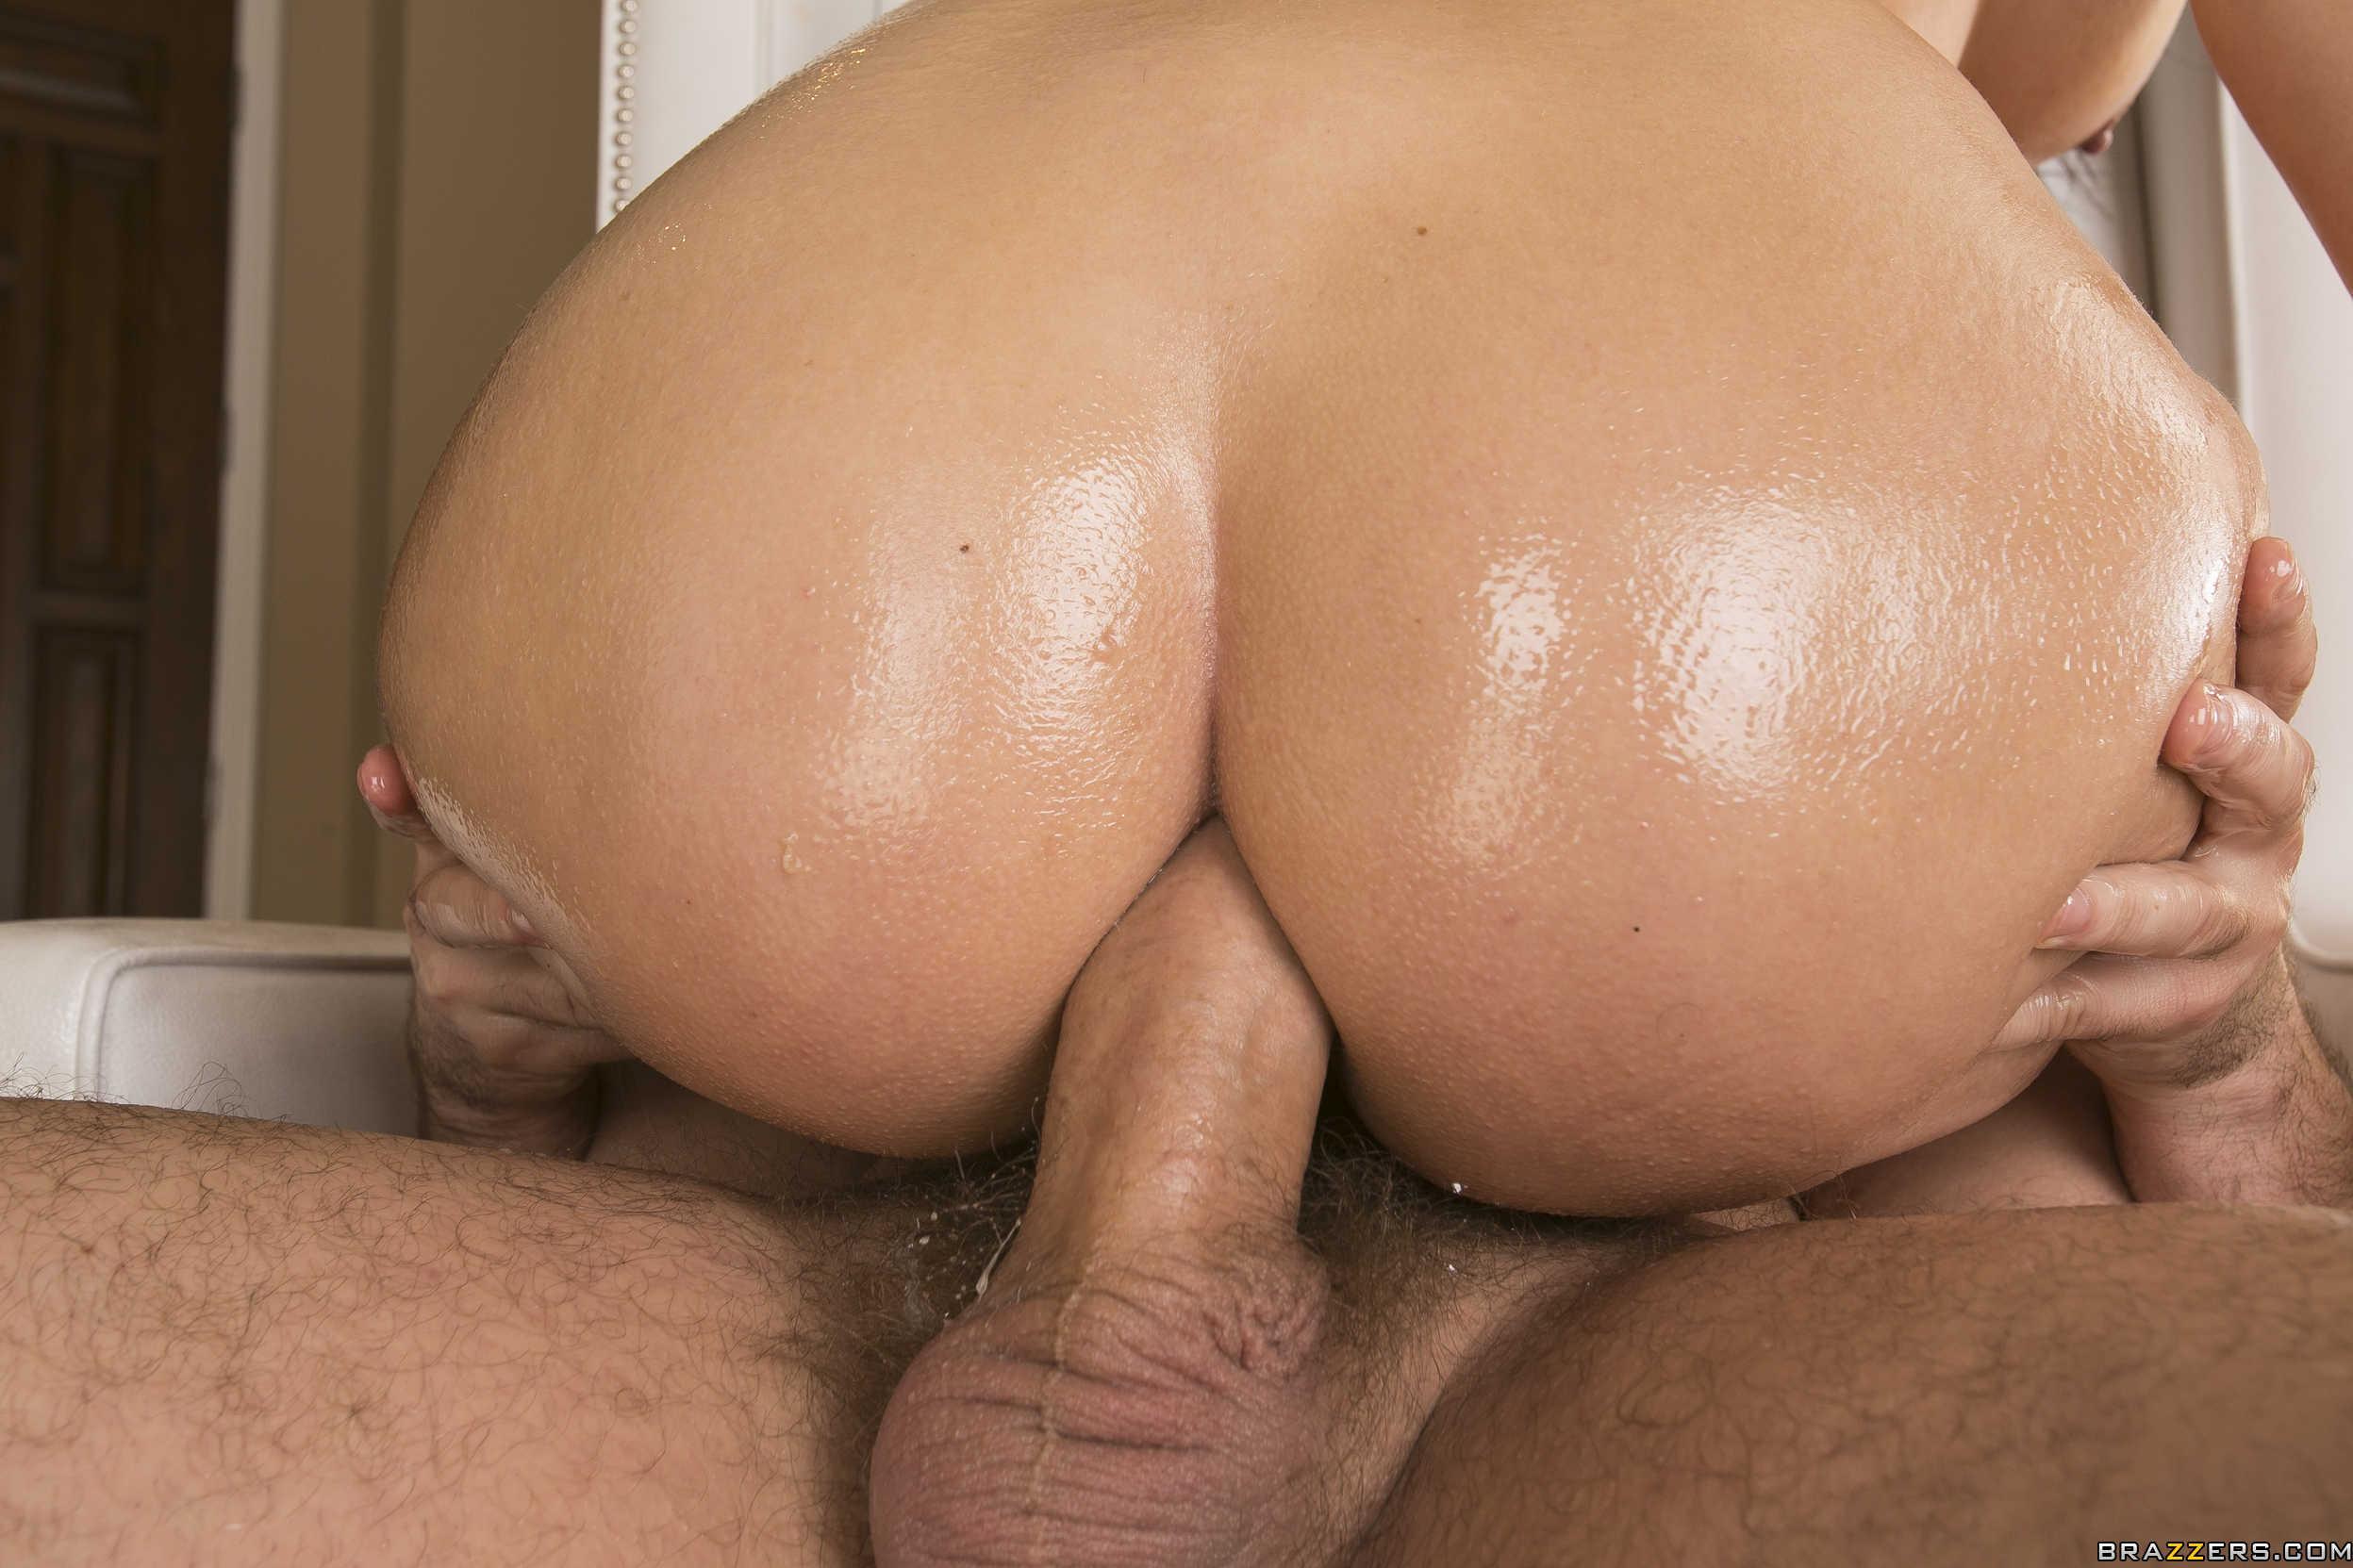 Madison Rose - una verga enorme para su boca y culazo